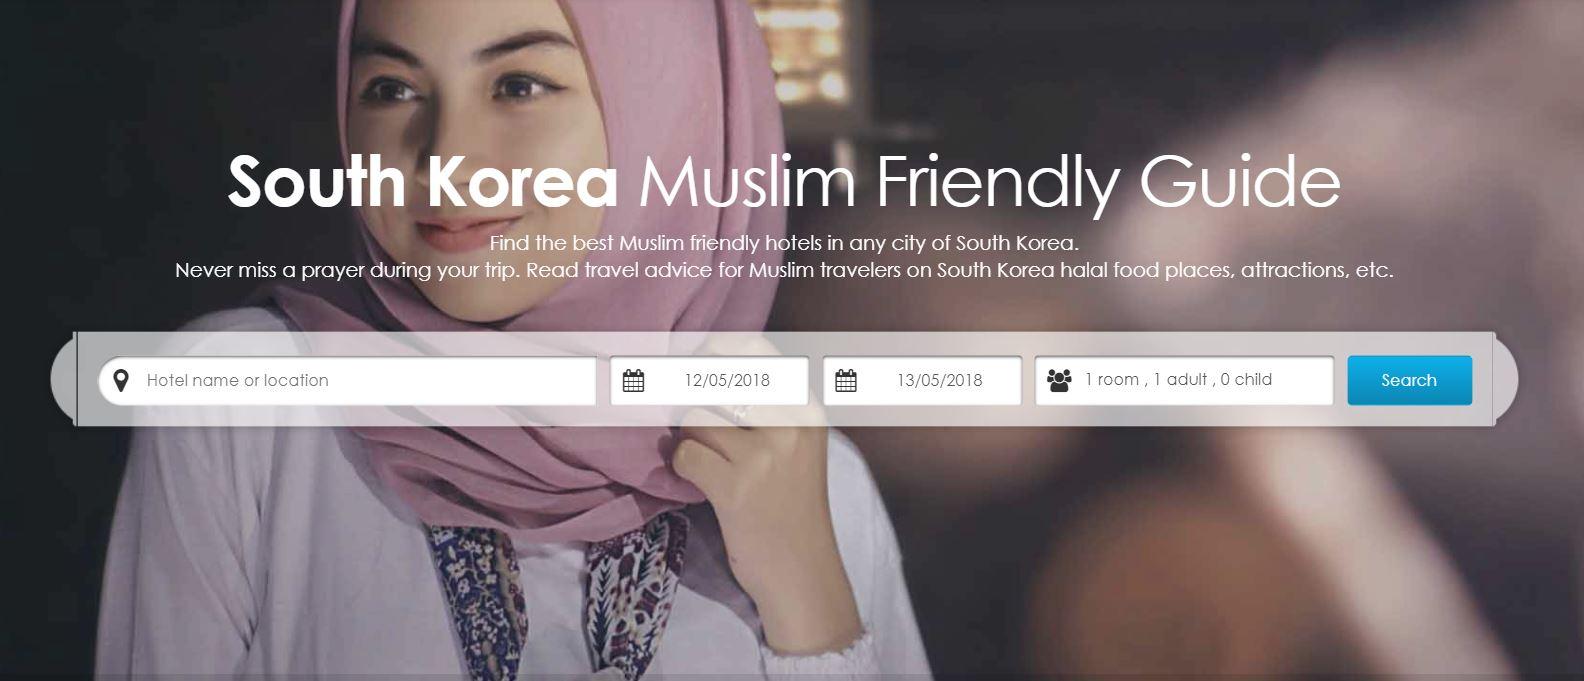 sites de rencontres gratuits en Corée rencontres à Hyderabad numéros mobiles